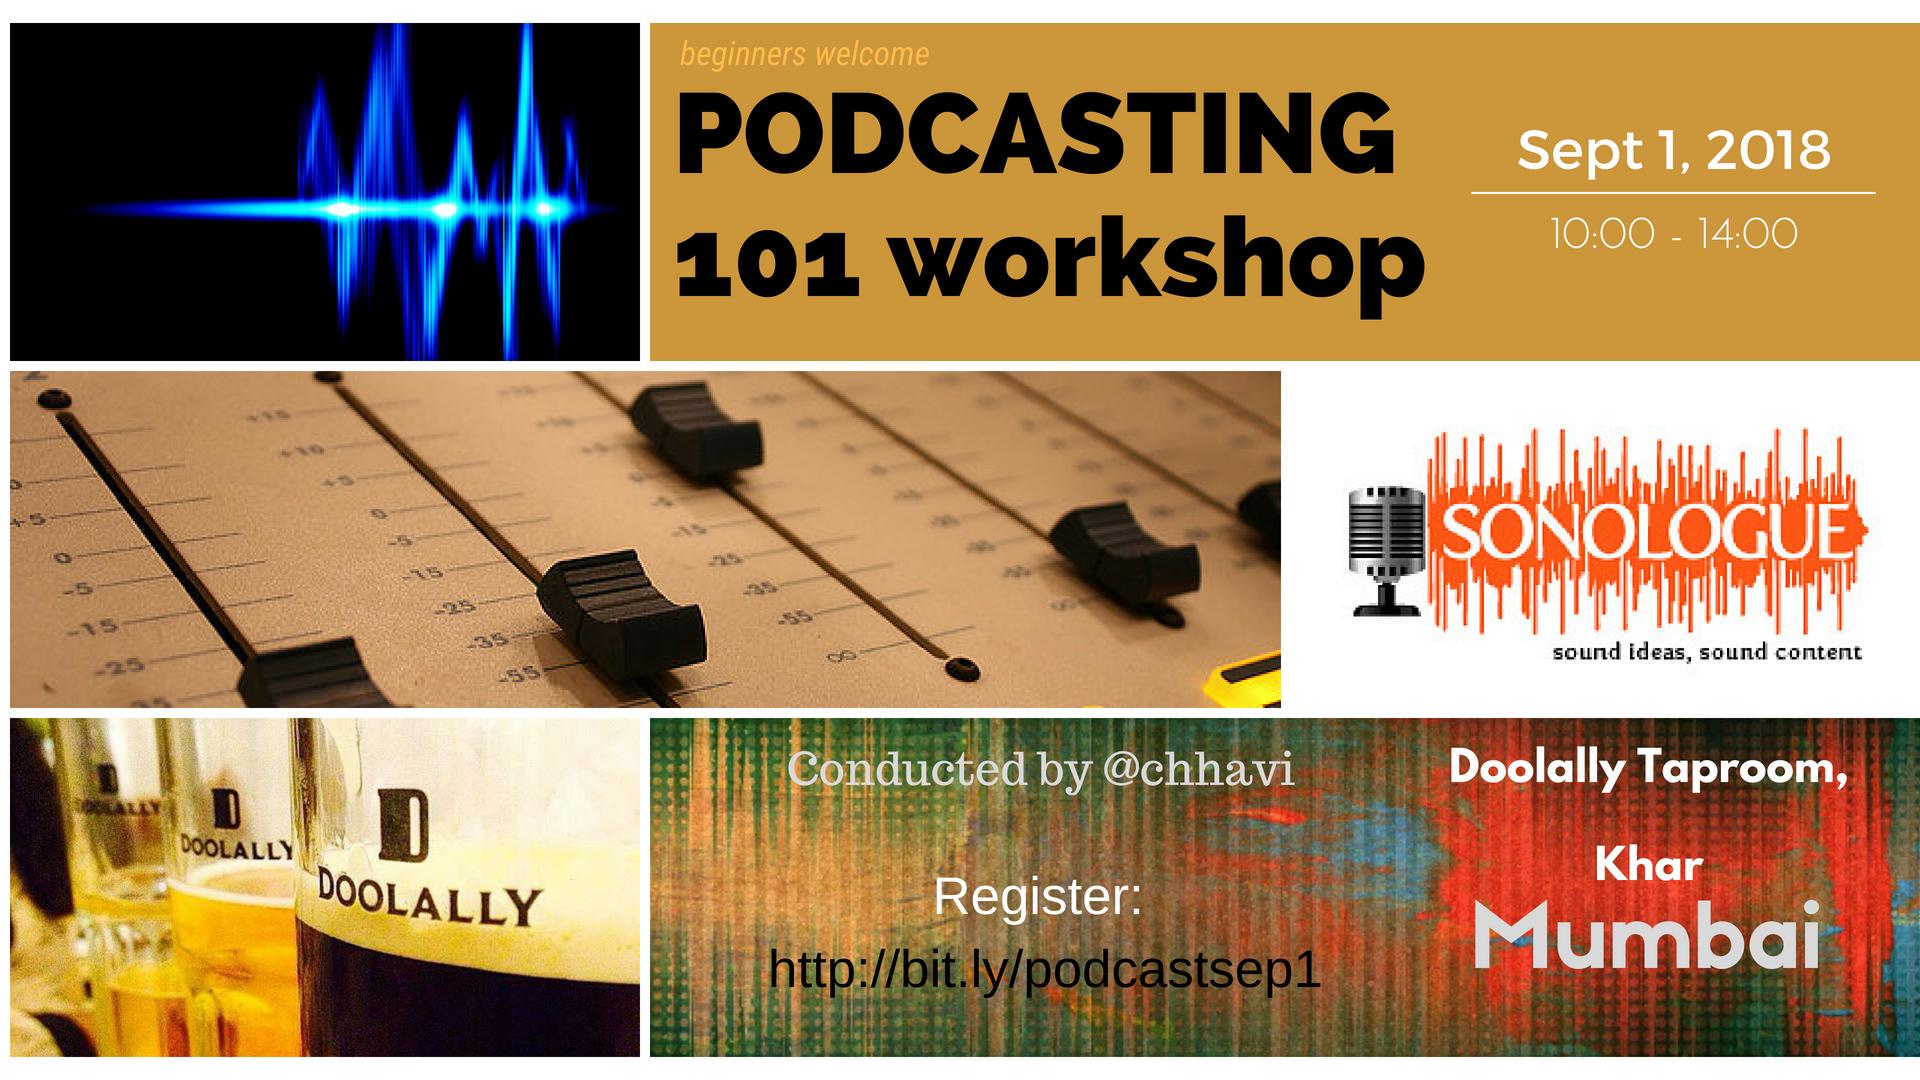 Podcasting 101 in Delhi, Nov 18